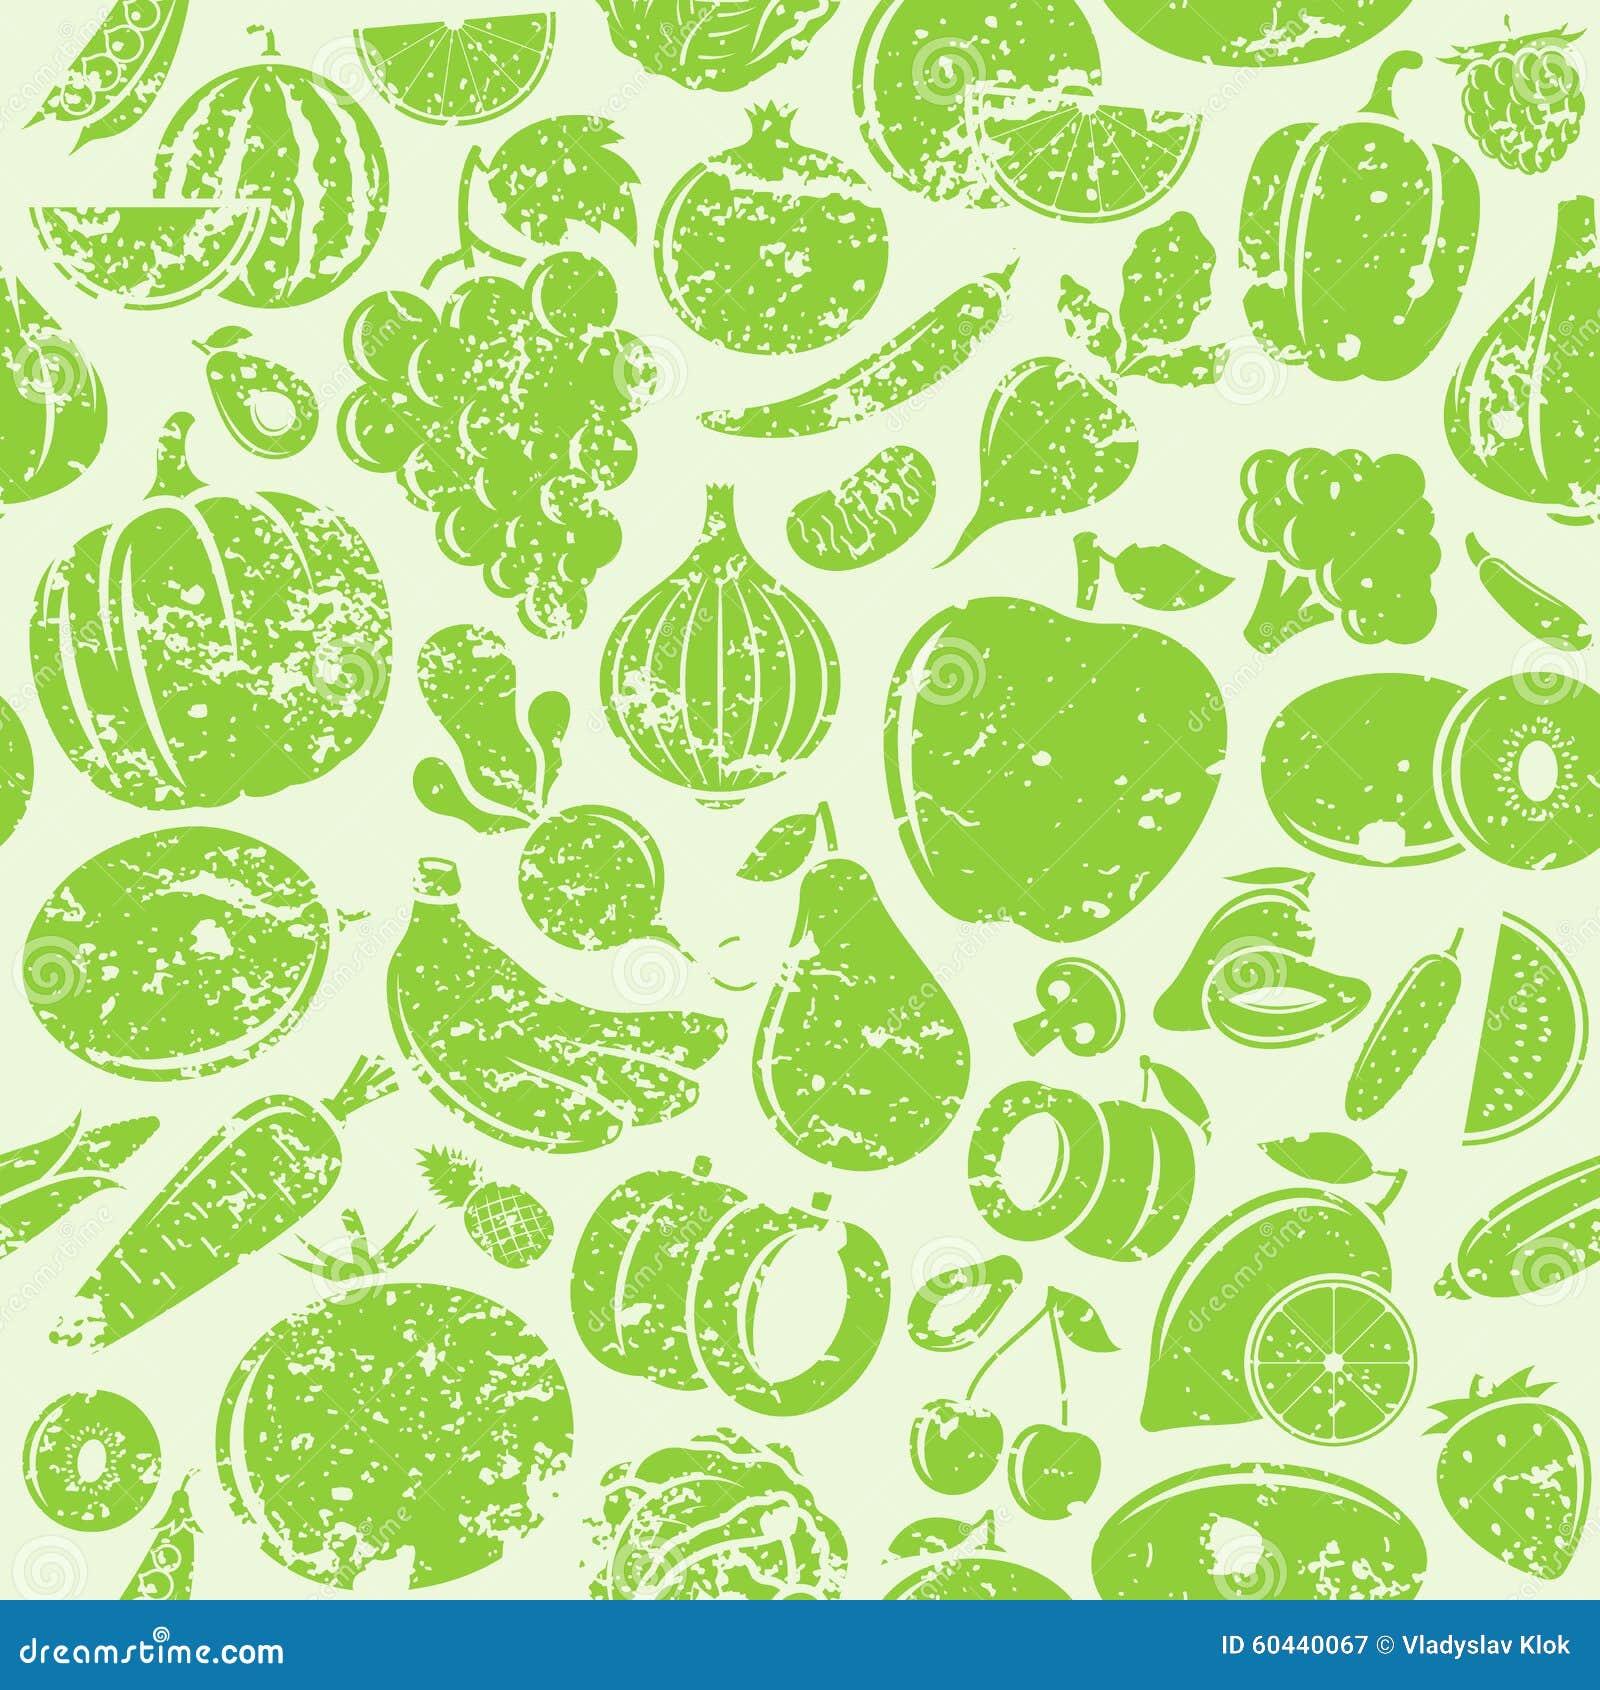 животные из овощей и фруктов картинки